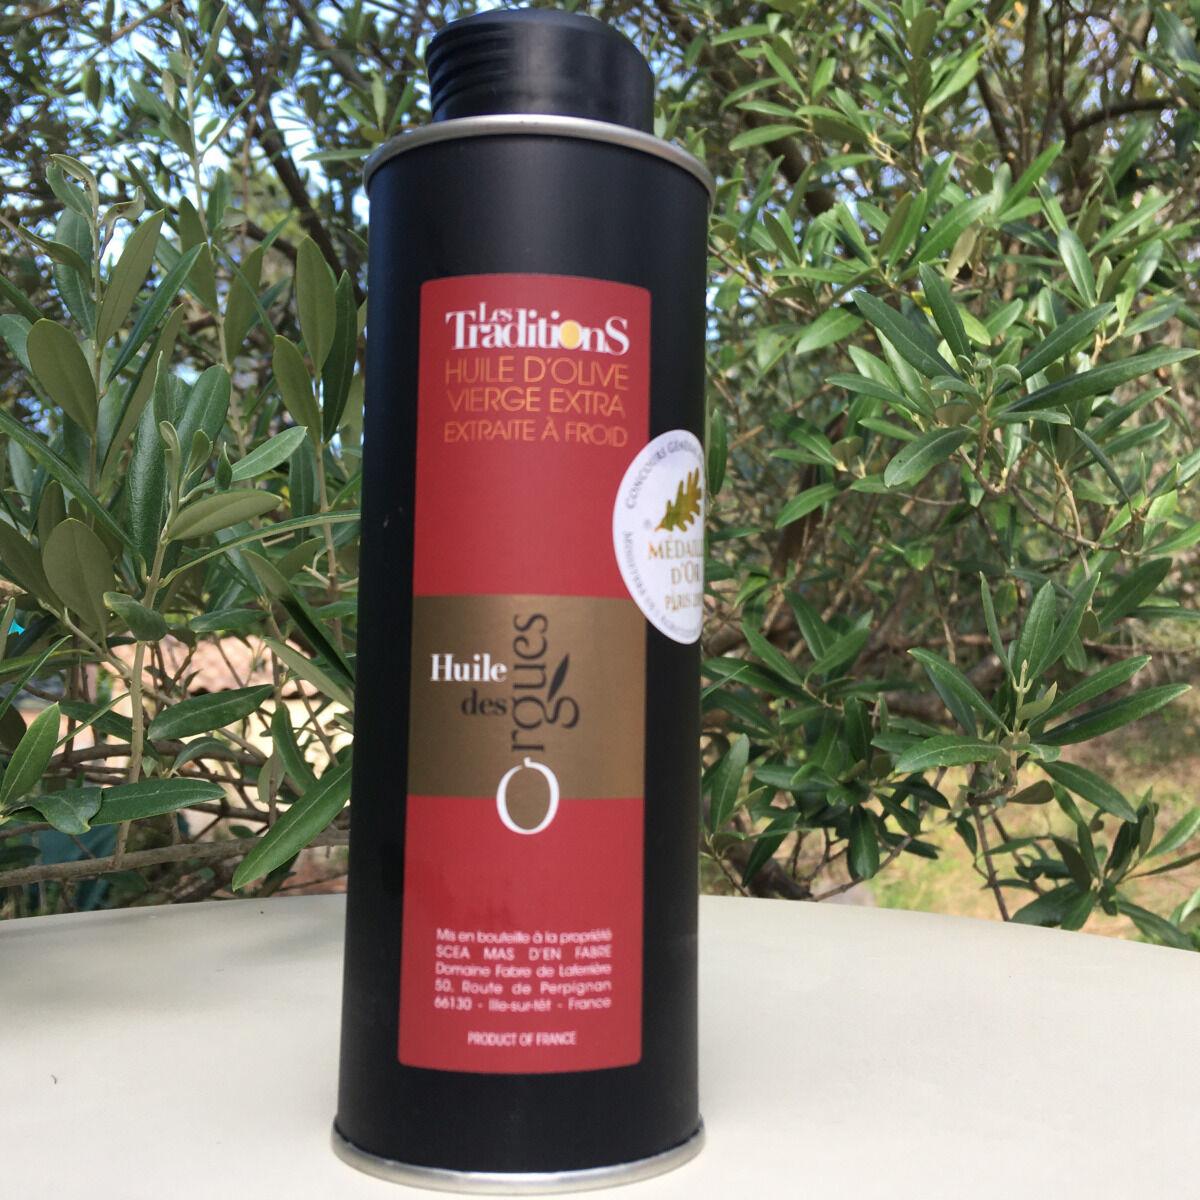 Huile des Orgues Huile d'Olive Vierge Extra Assemblage - Variétés du Roussillon - 250 ml